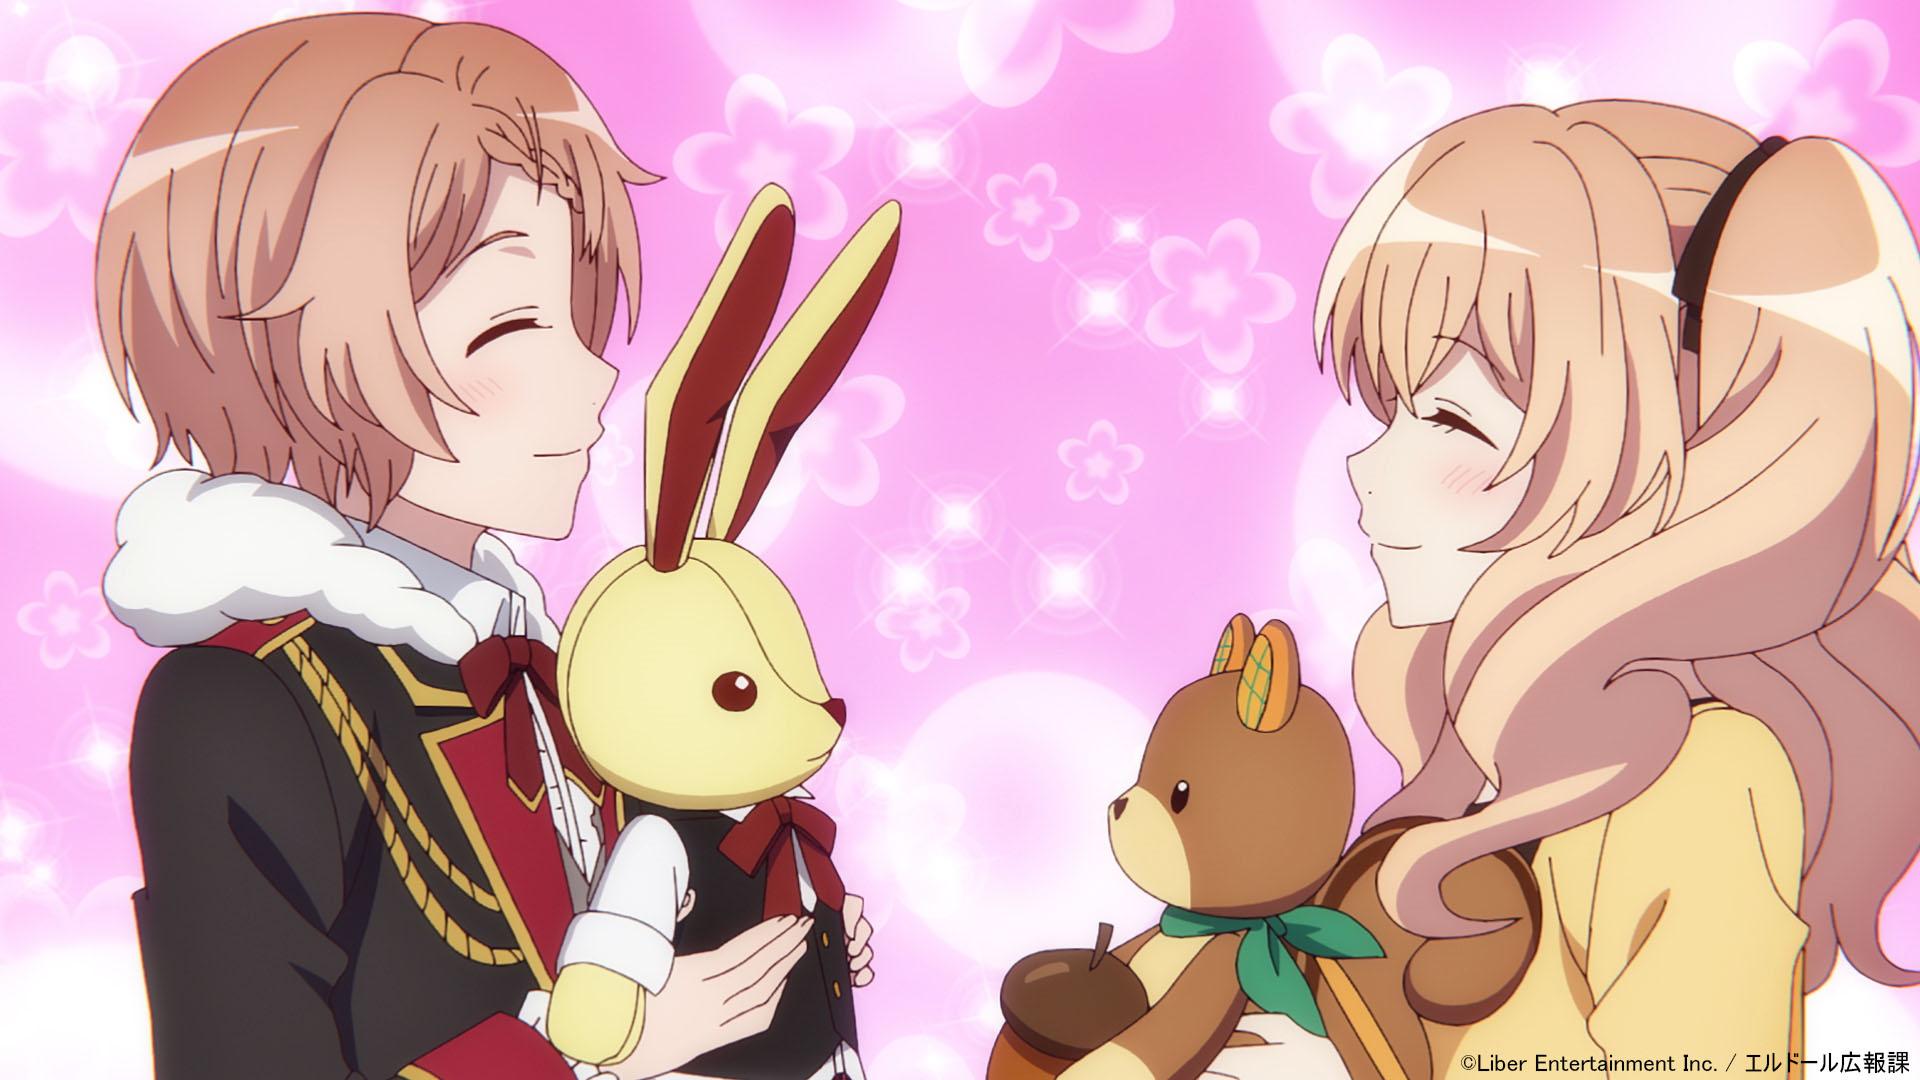 TVアニメ「アイ★チュウ」第7話「jugement 〜笑顔のために〜」あらすじ&先行カット到着!